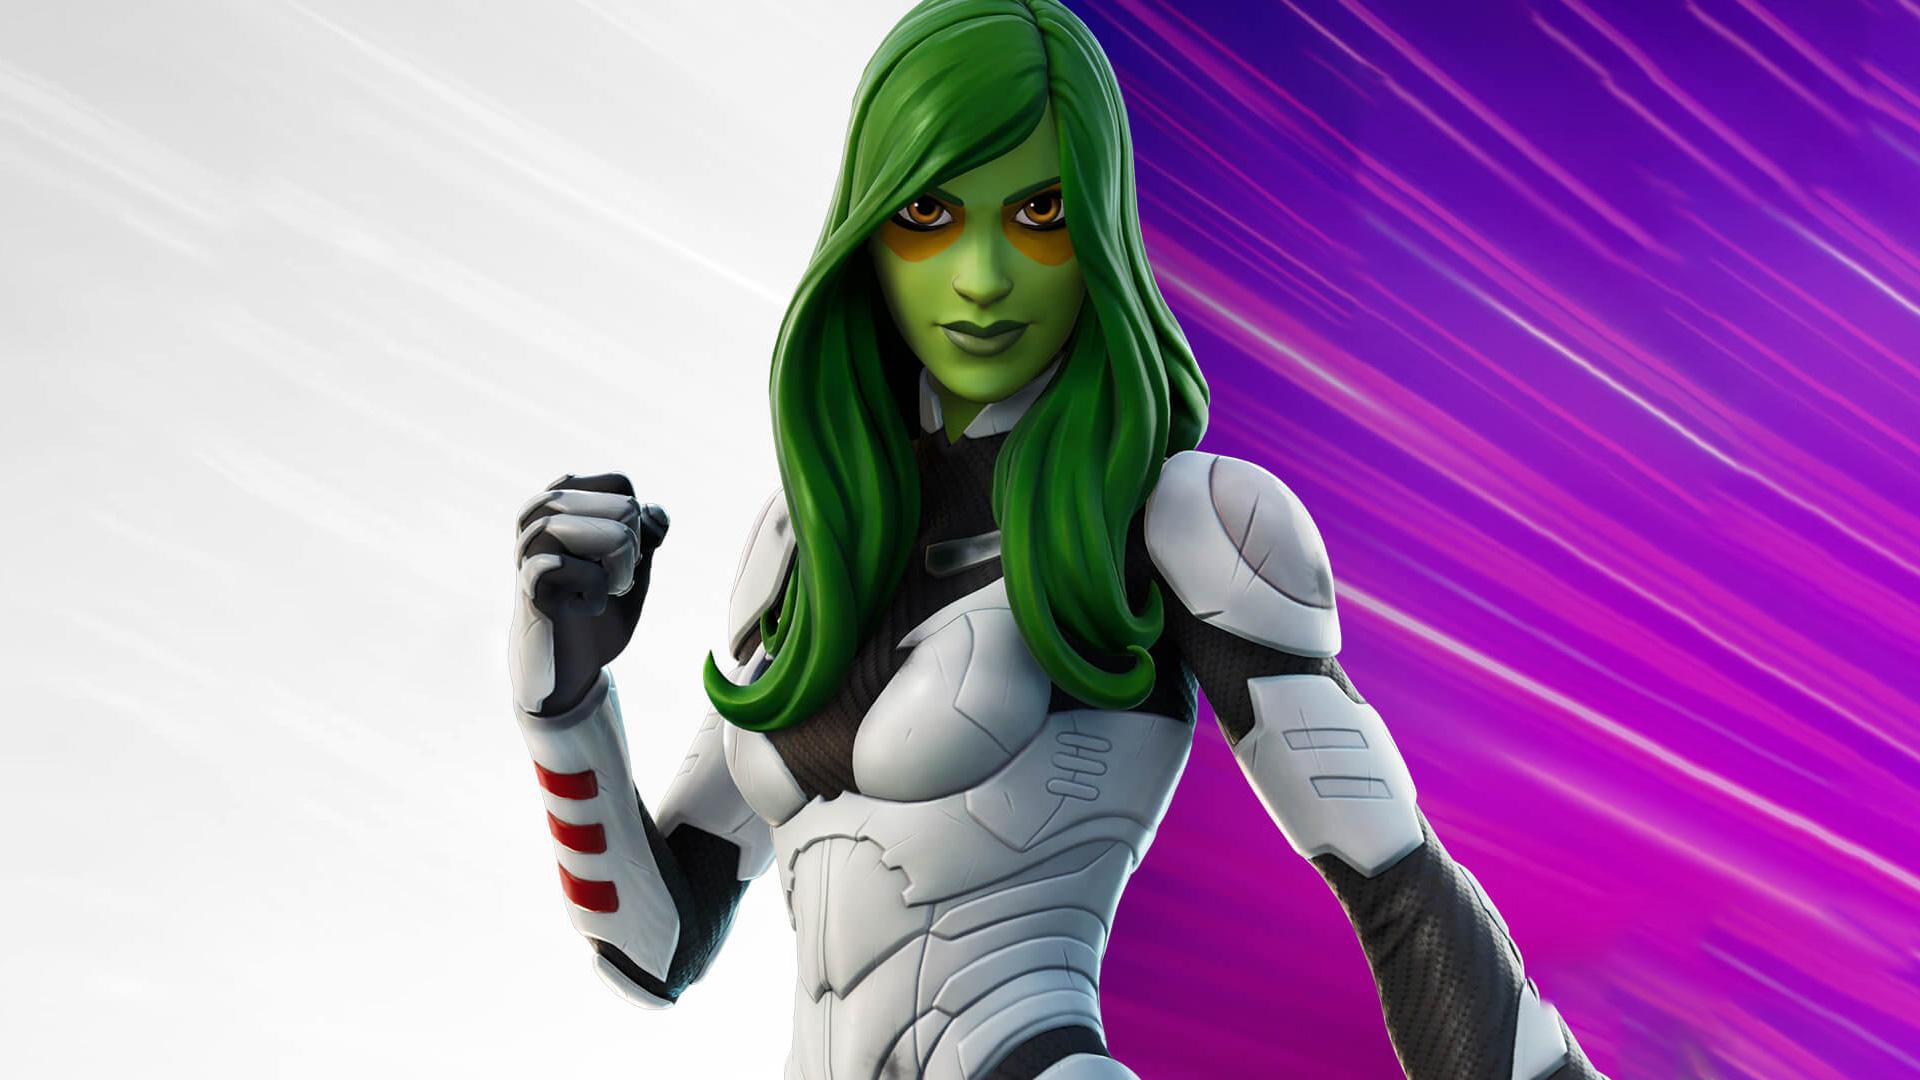 How to unlock the Gamora skin in Fortnite